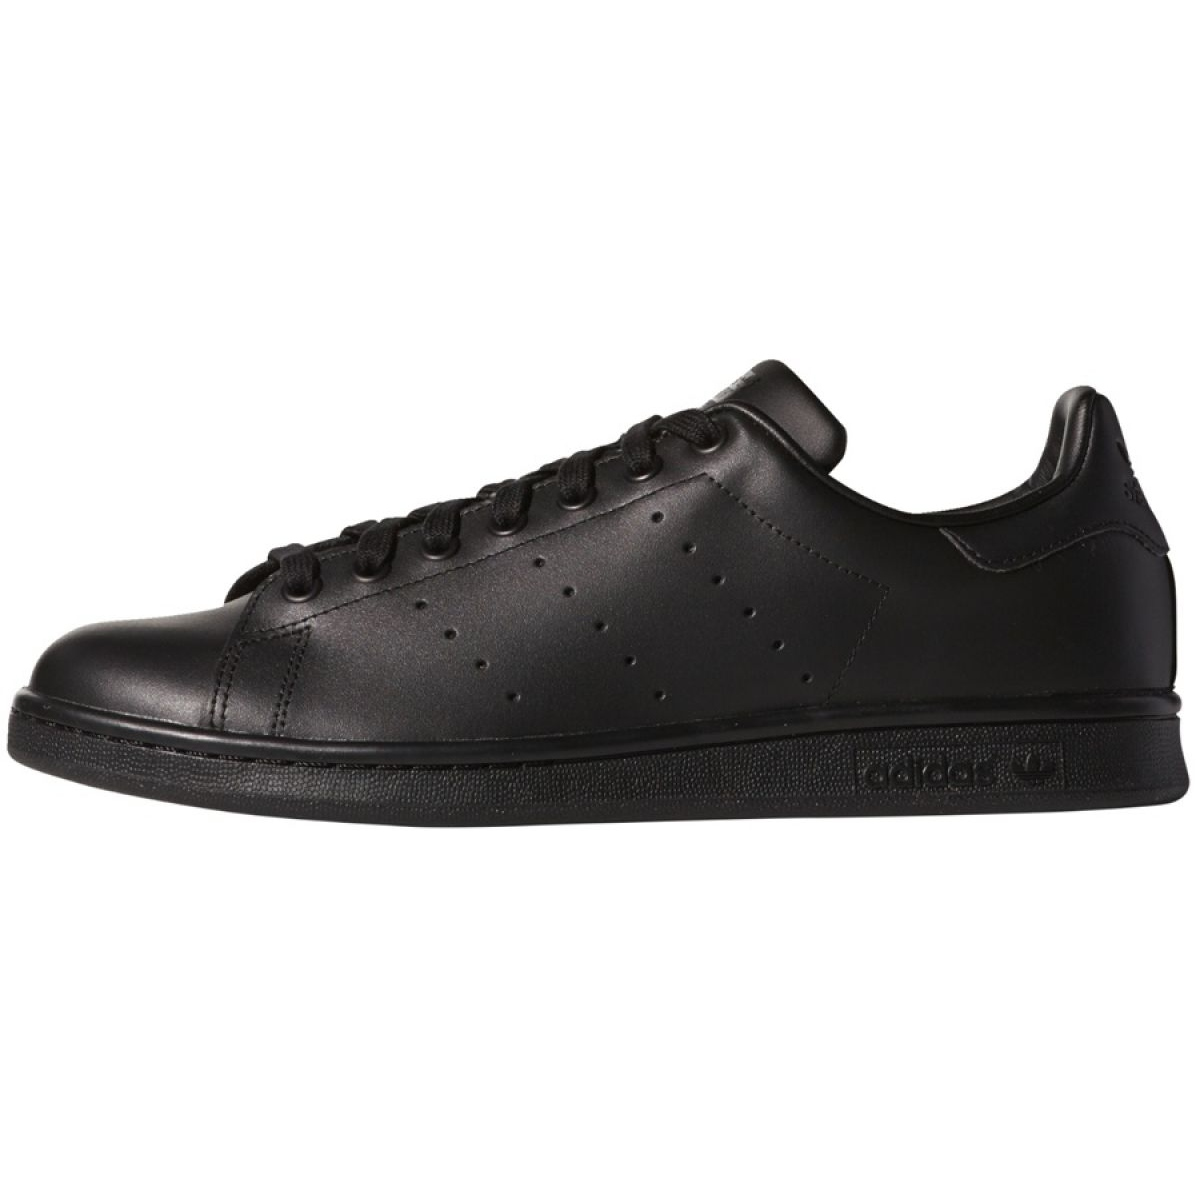 autentyczny kupować niesamowity wybór Buty adidas Originals Stan Smith M M20327 czarne